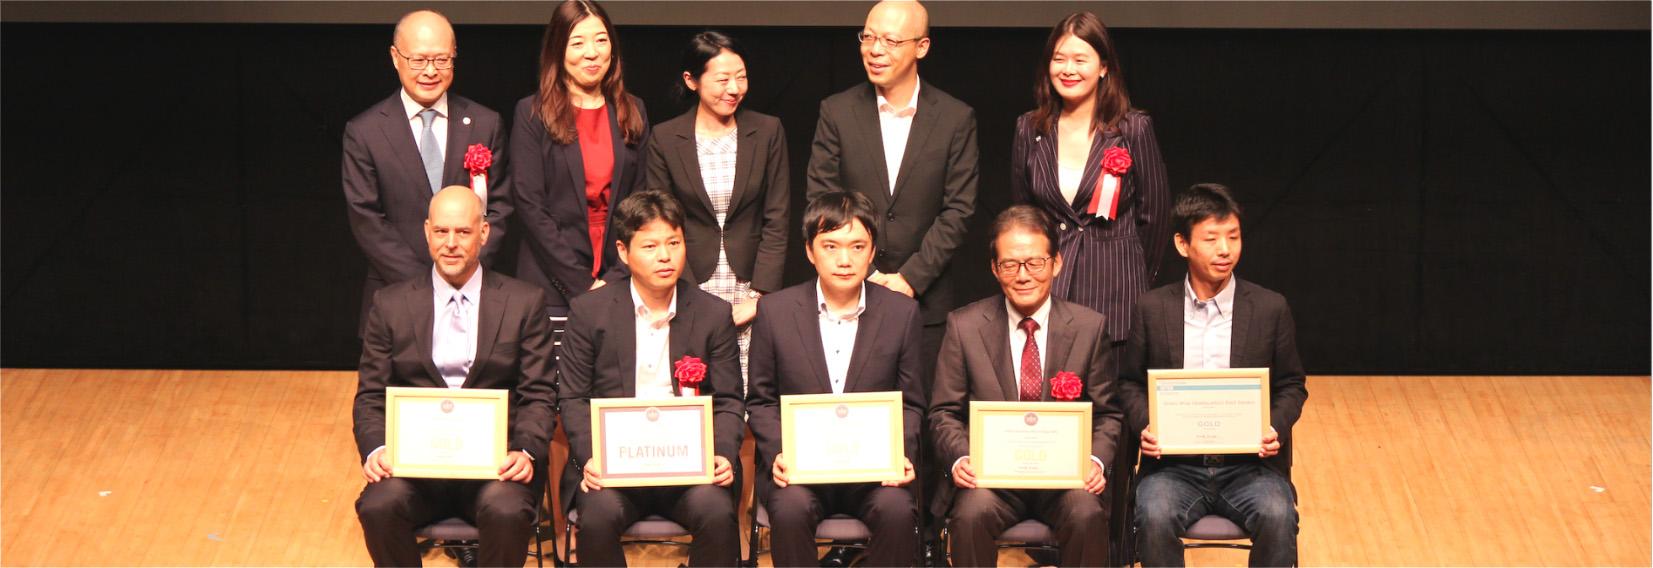 日本はグリーンな未来への道を加速しています(USGBC article (2020.2.28) の日本語訳)